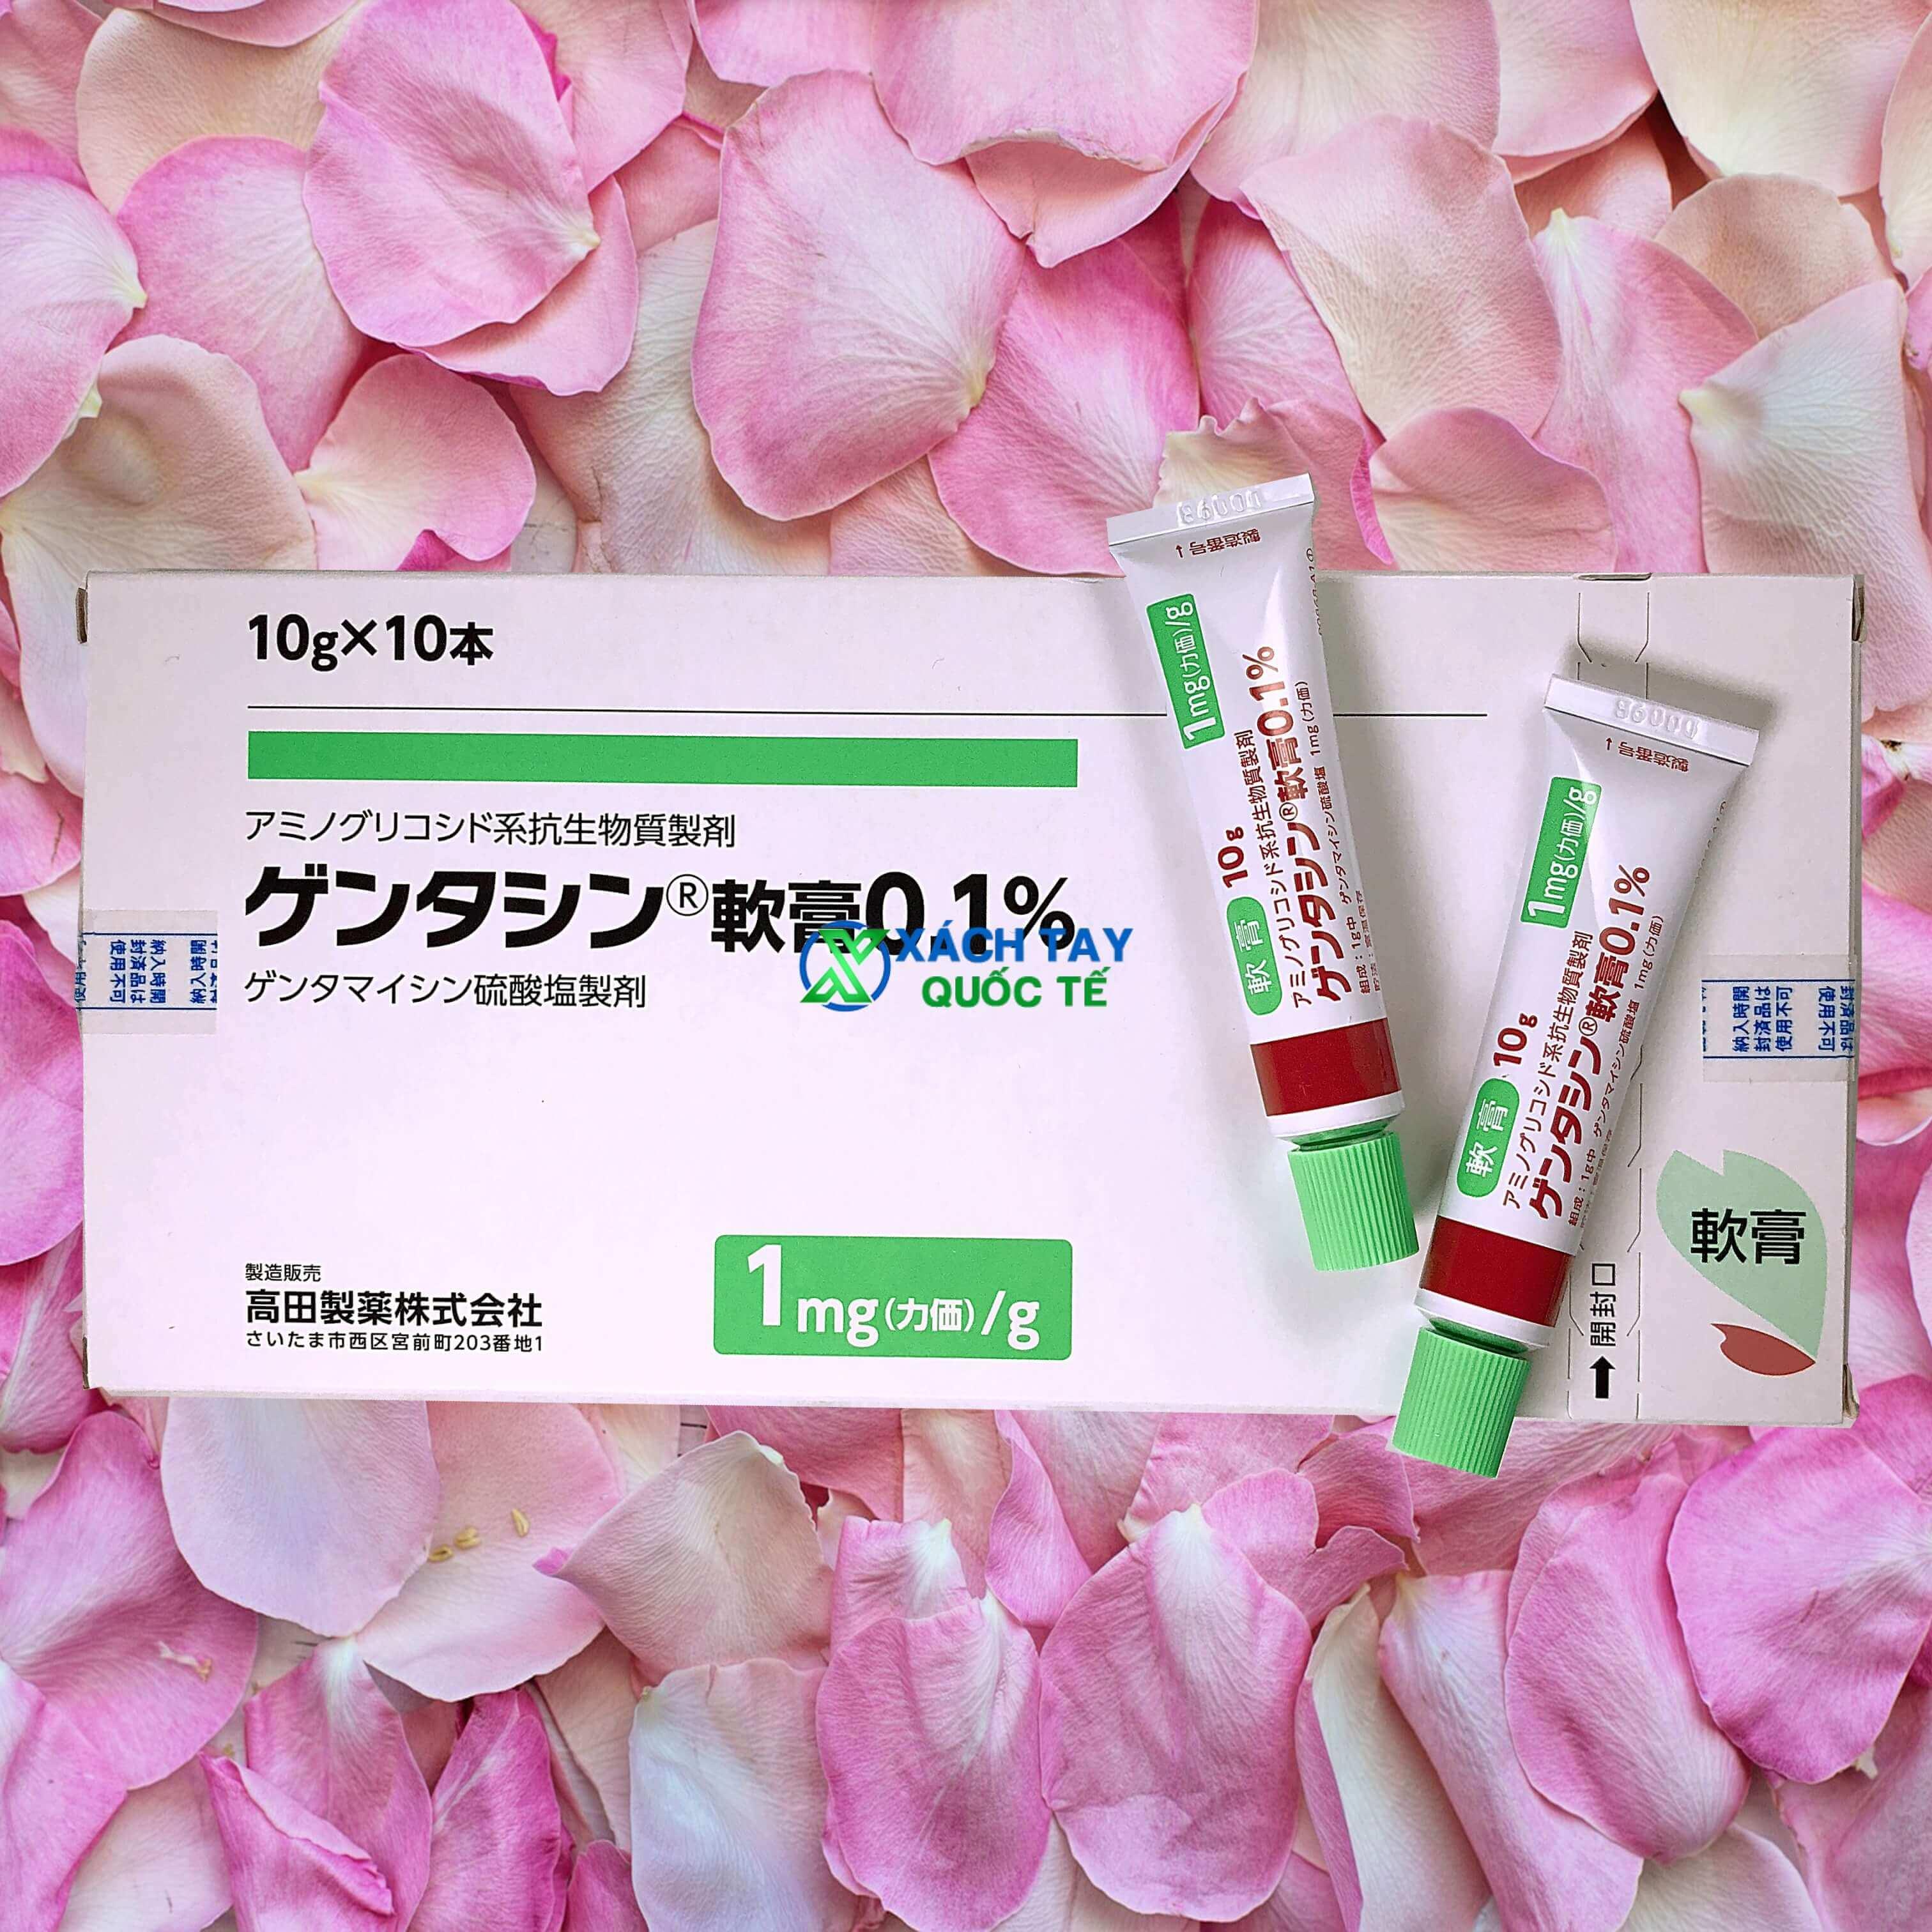 Kem trị sẹo Gentacin Takata Nhật Bản 0.1%